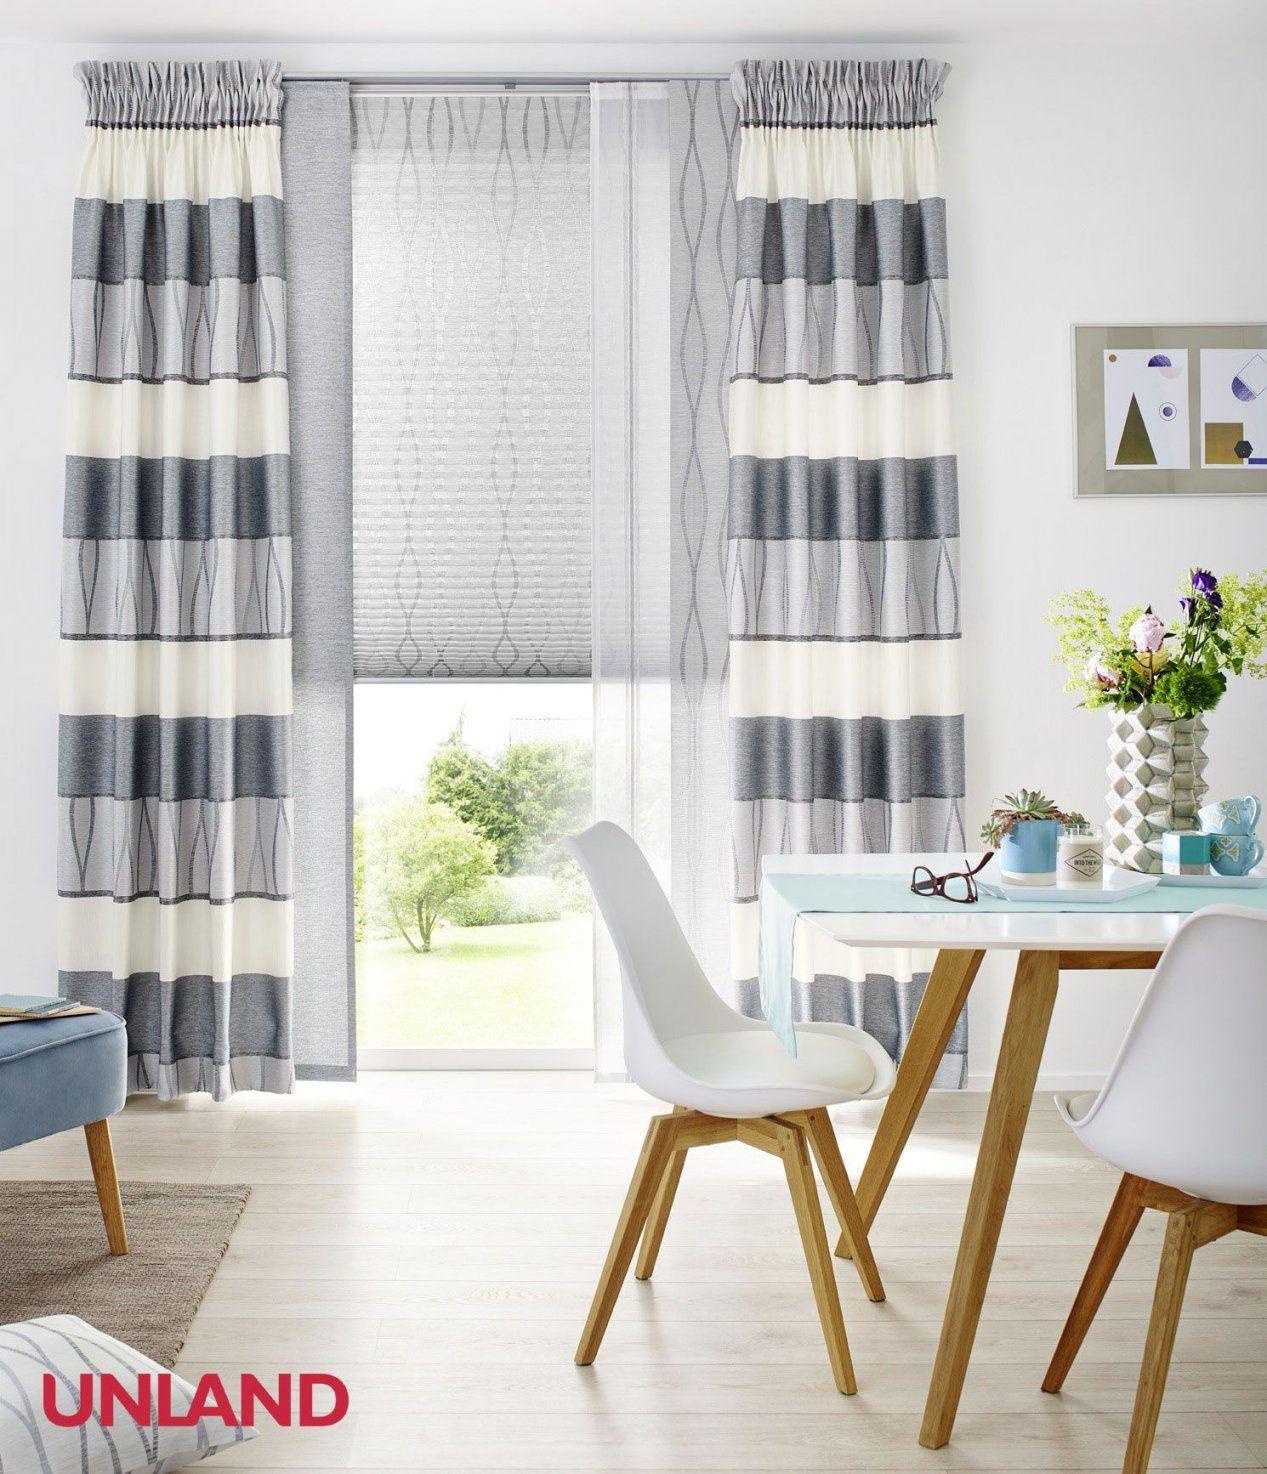 Unland Malvin Silver Vorhang Fensterideen Gardinen Und von Unland Gardinen Muster Bild